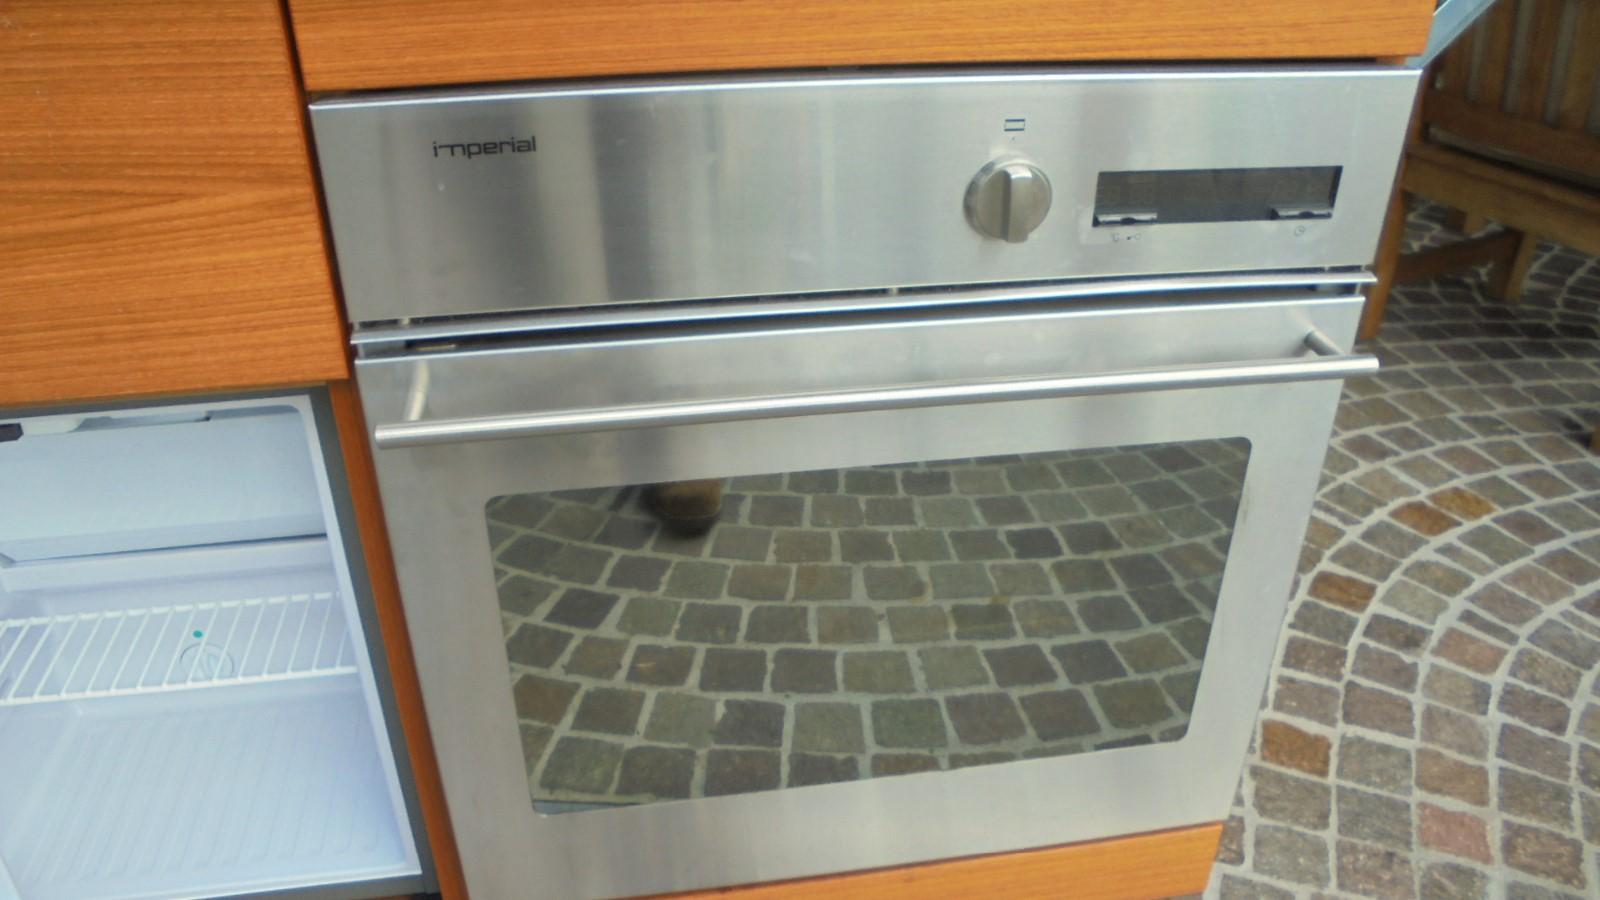 Outdoor Küche Utensilien : Outdoor küche utensilien die willi wood küchenkiste matsch piste